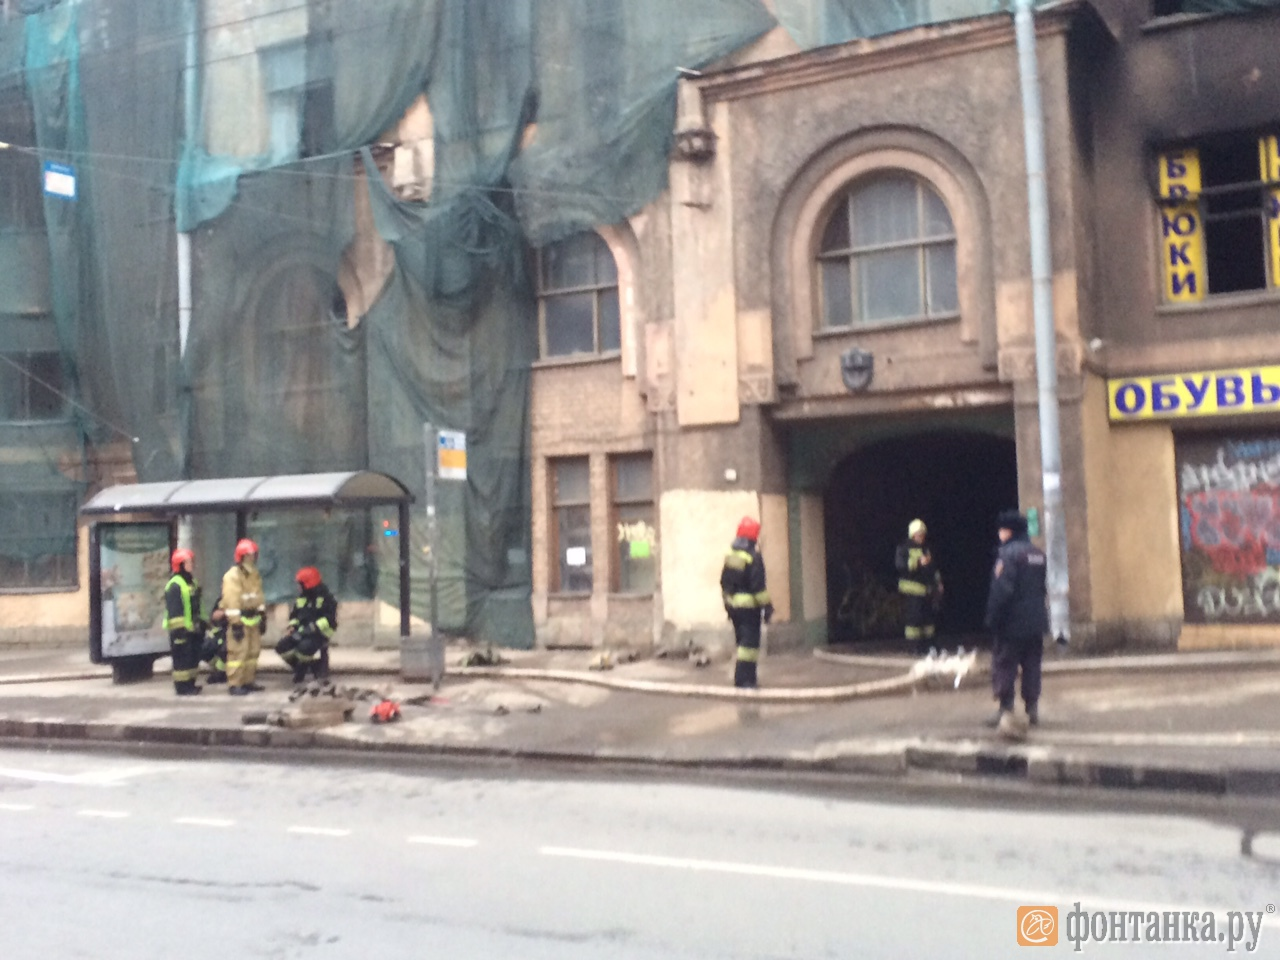 Б. Пушкарская, 7, 14 марта 2016 года